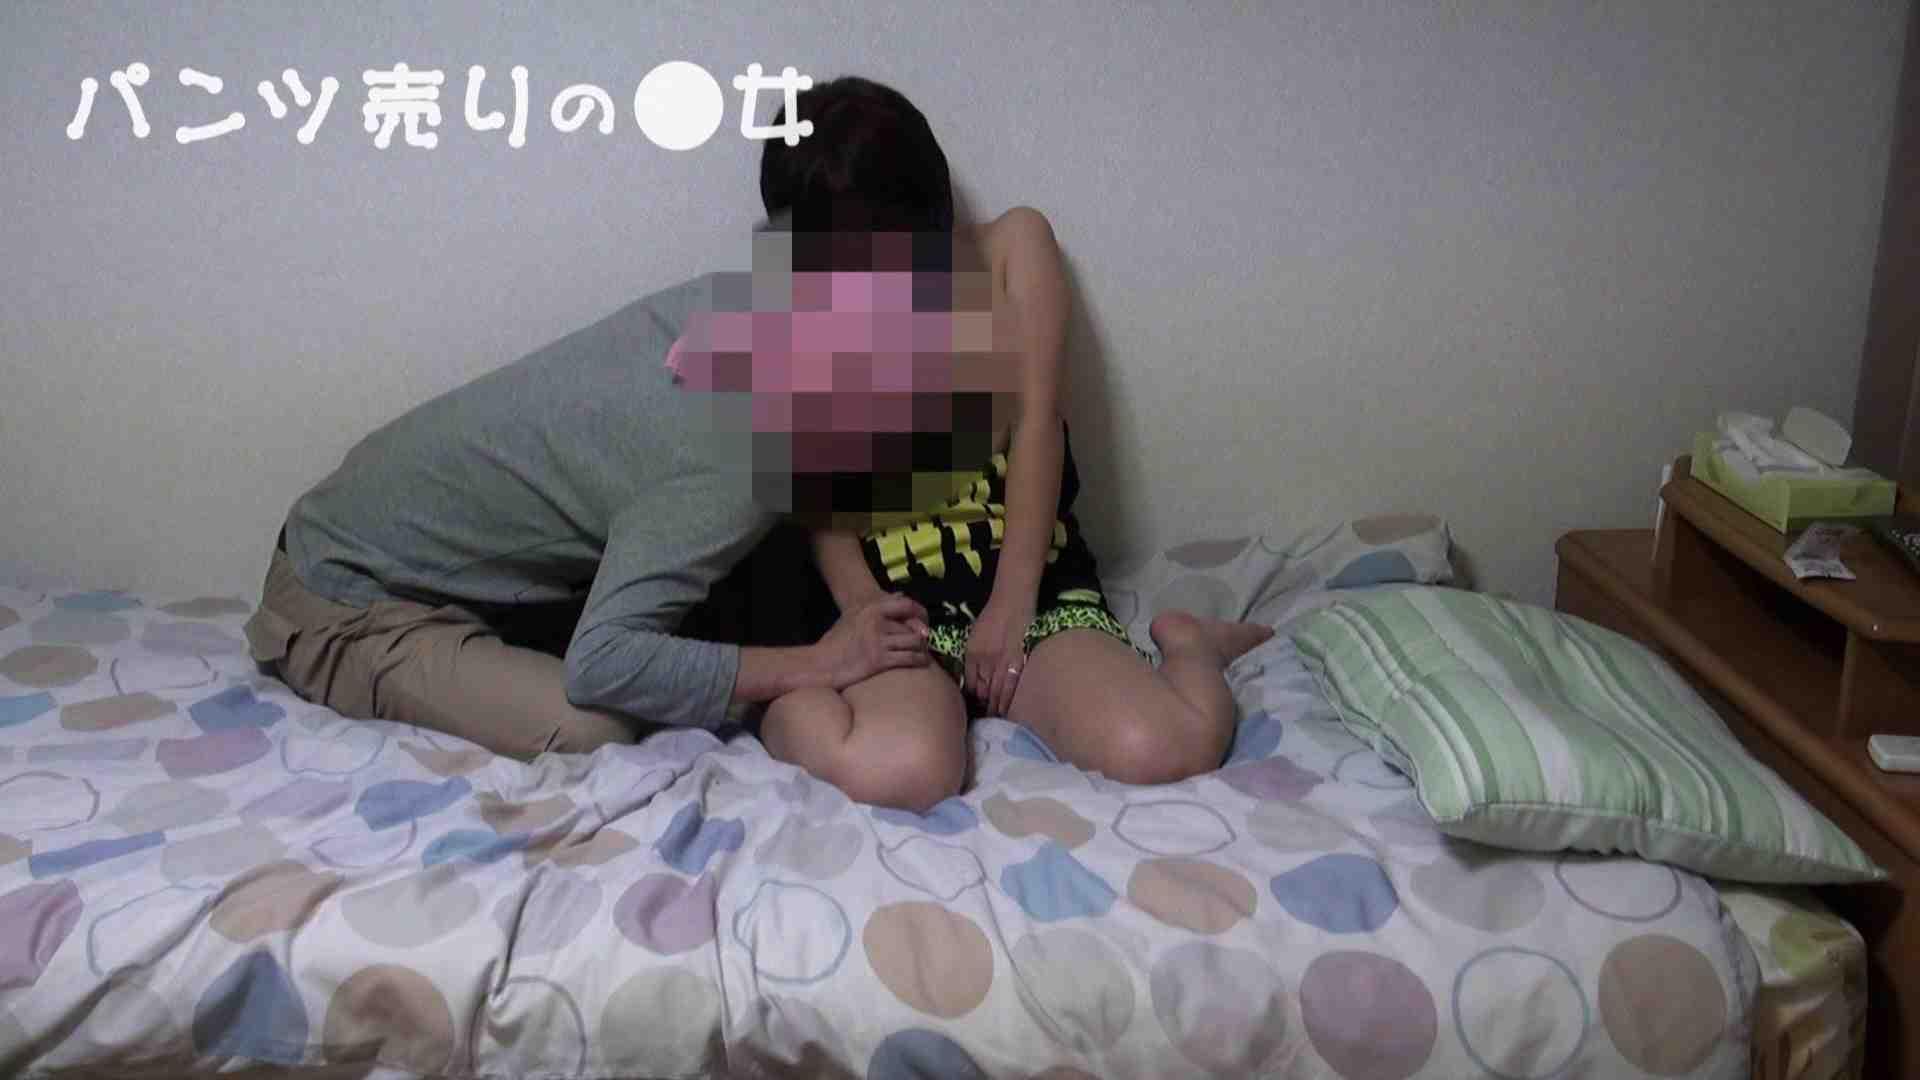 新説 パンツ売りの女の子nana04 一般投稿 | 0  104pic 13